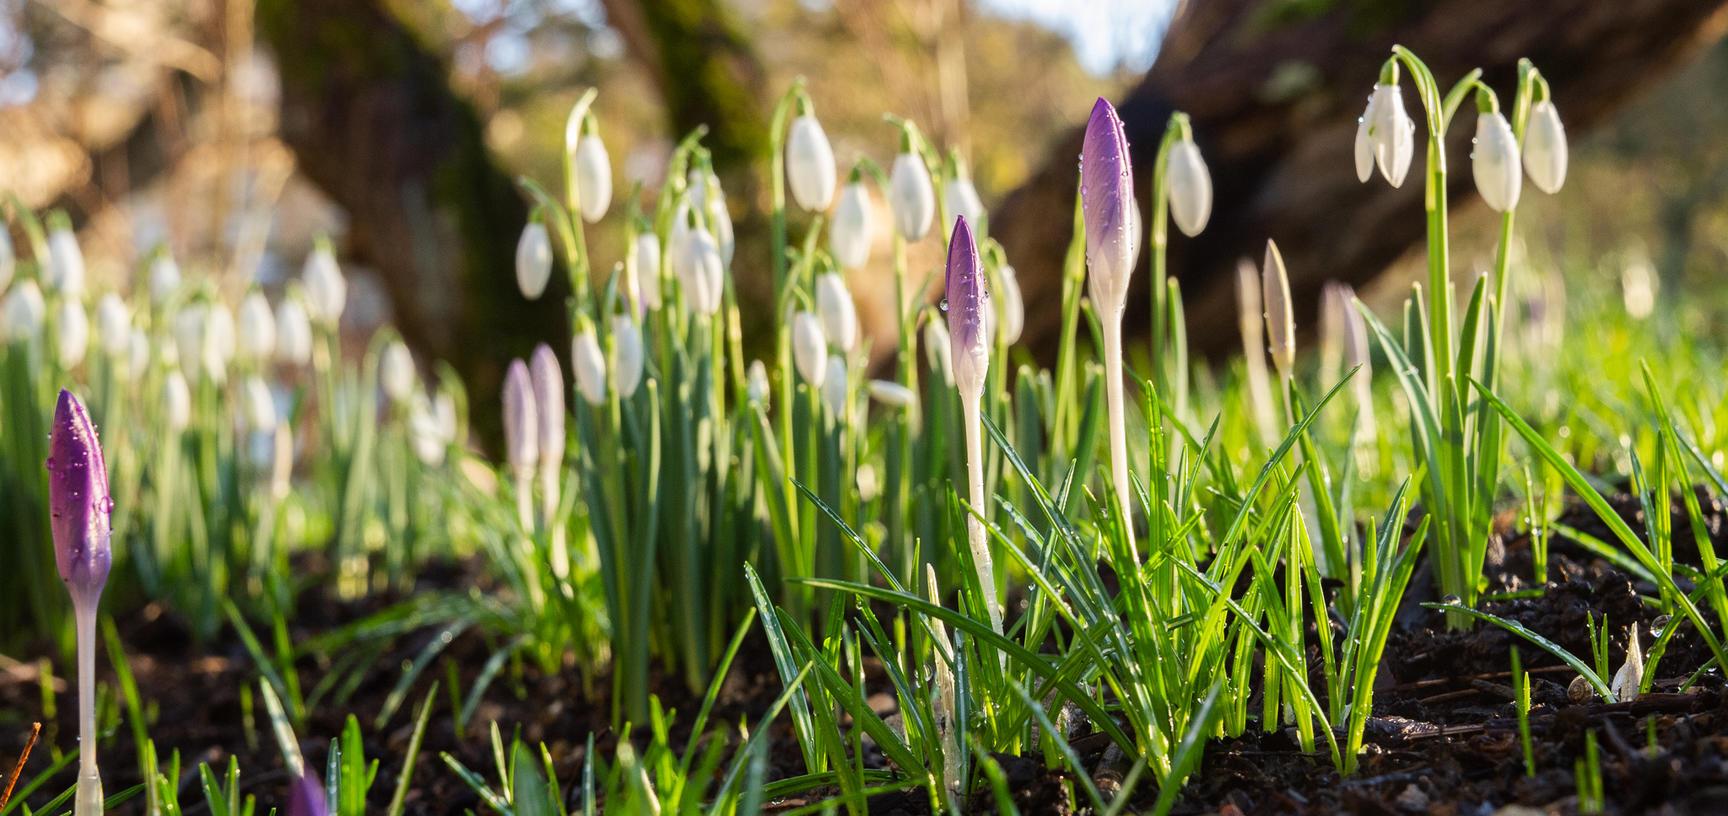 snowdrops garden p1012098